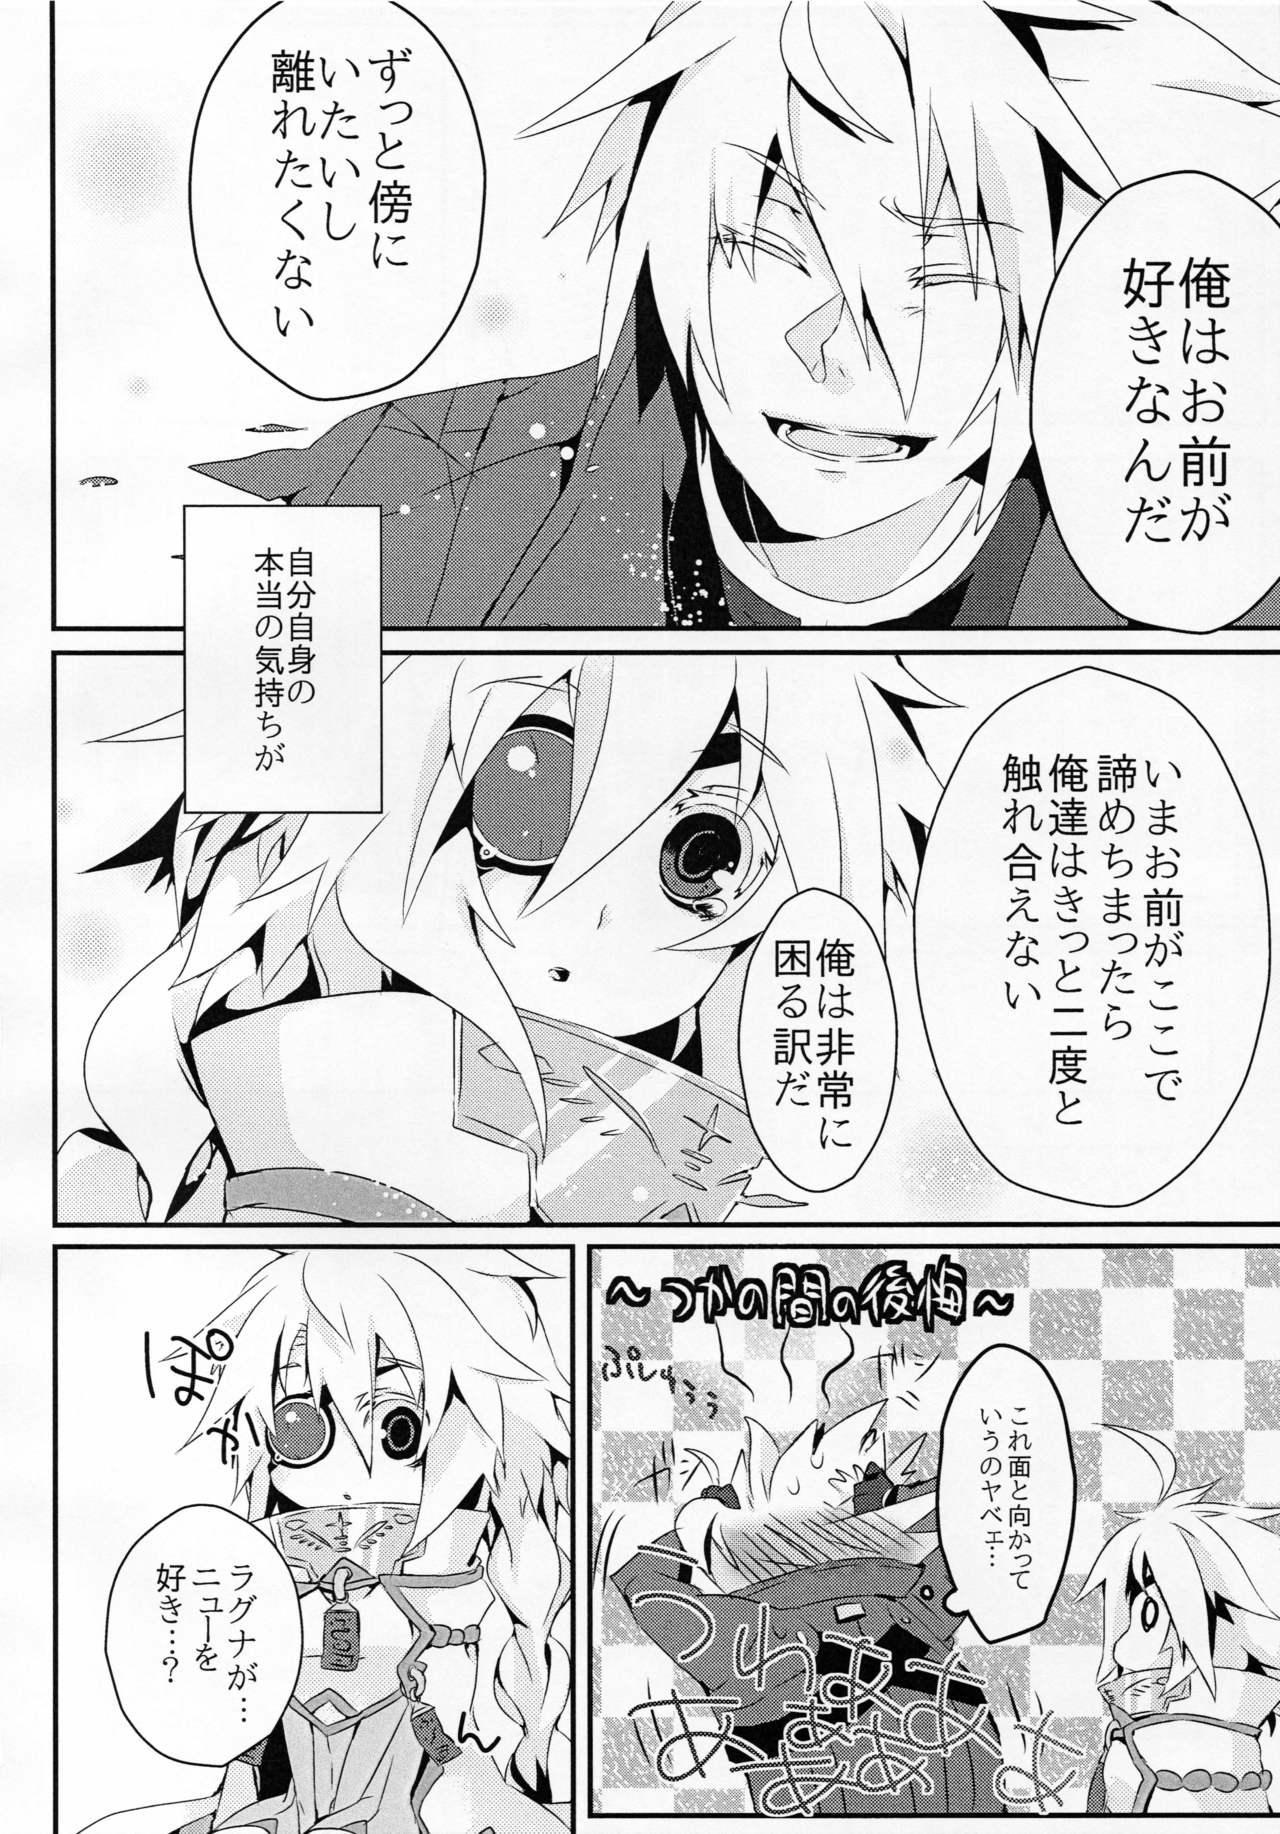 Ningyou no Miru Yume wa 40